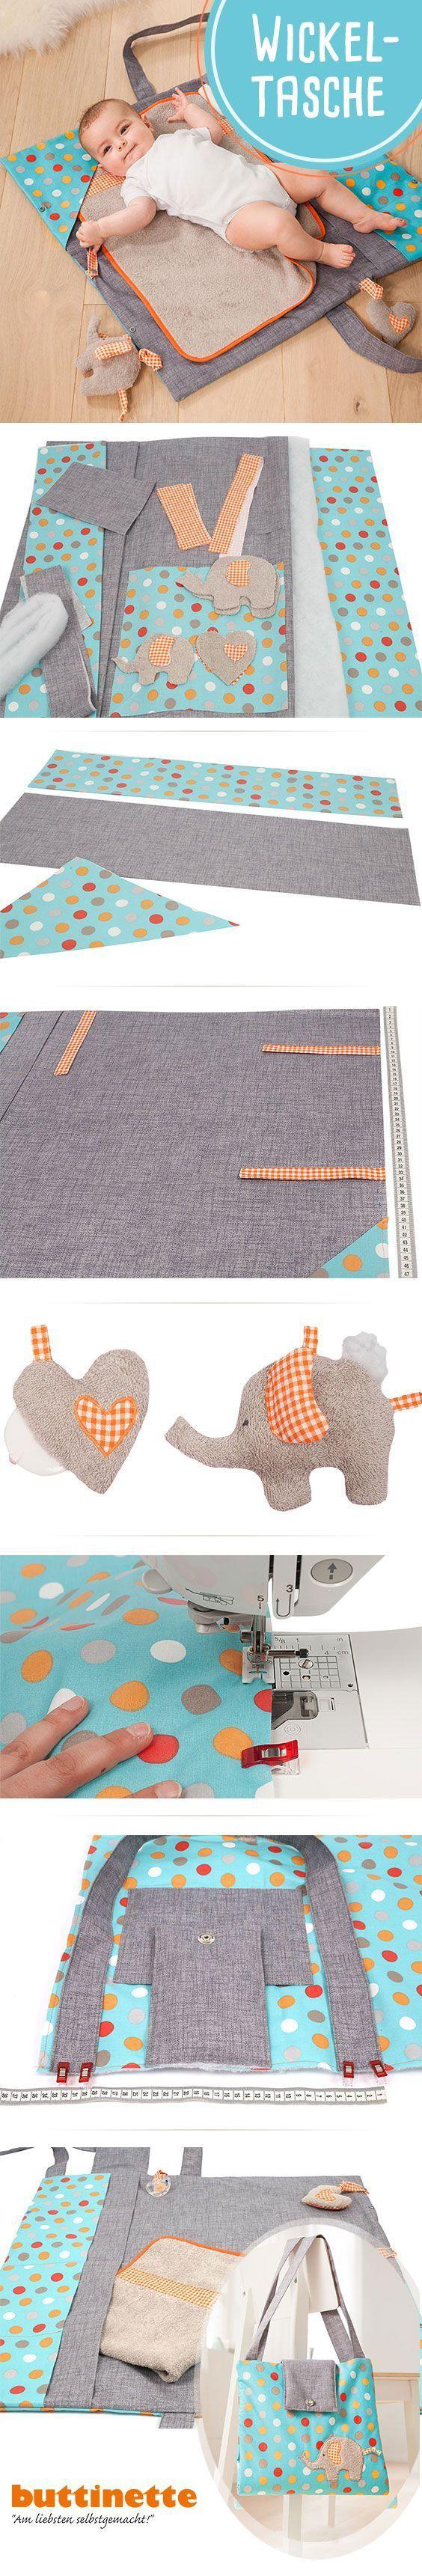 Nähanleitung für eine Wickeltasche mit Loxx-Verschluss. # Nähen #Baby #DIY